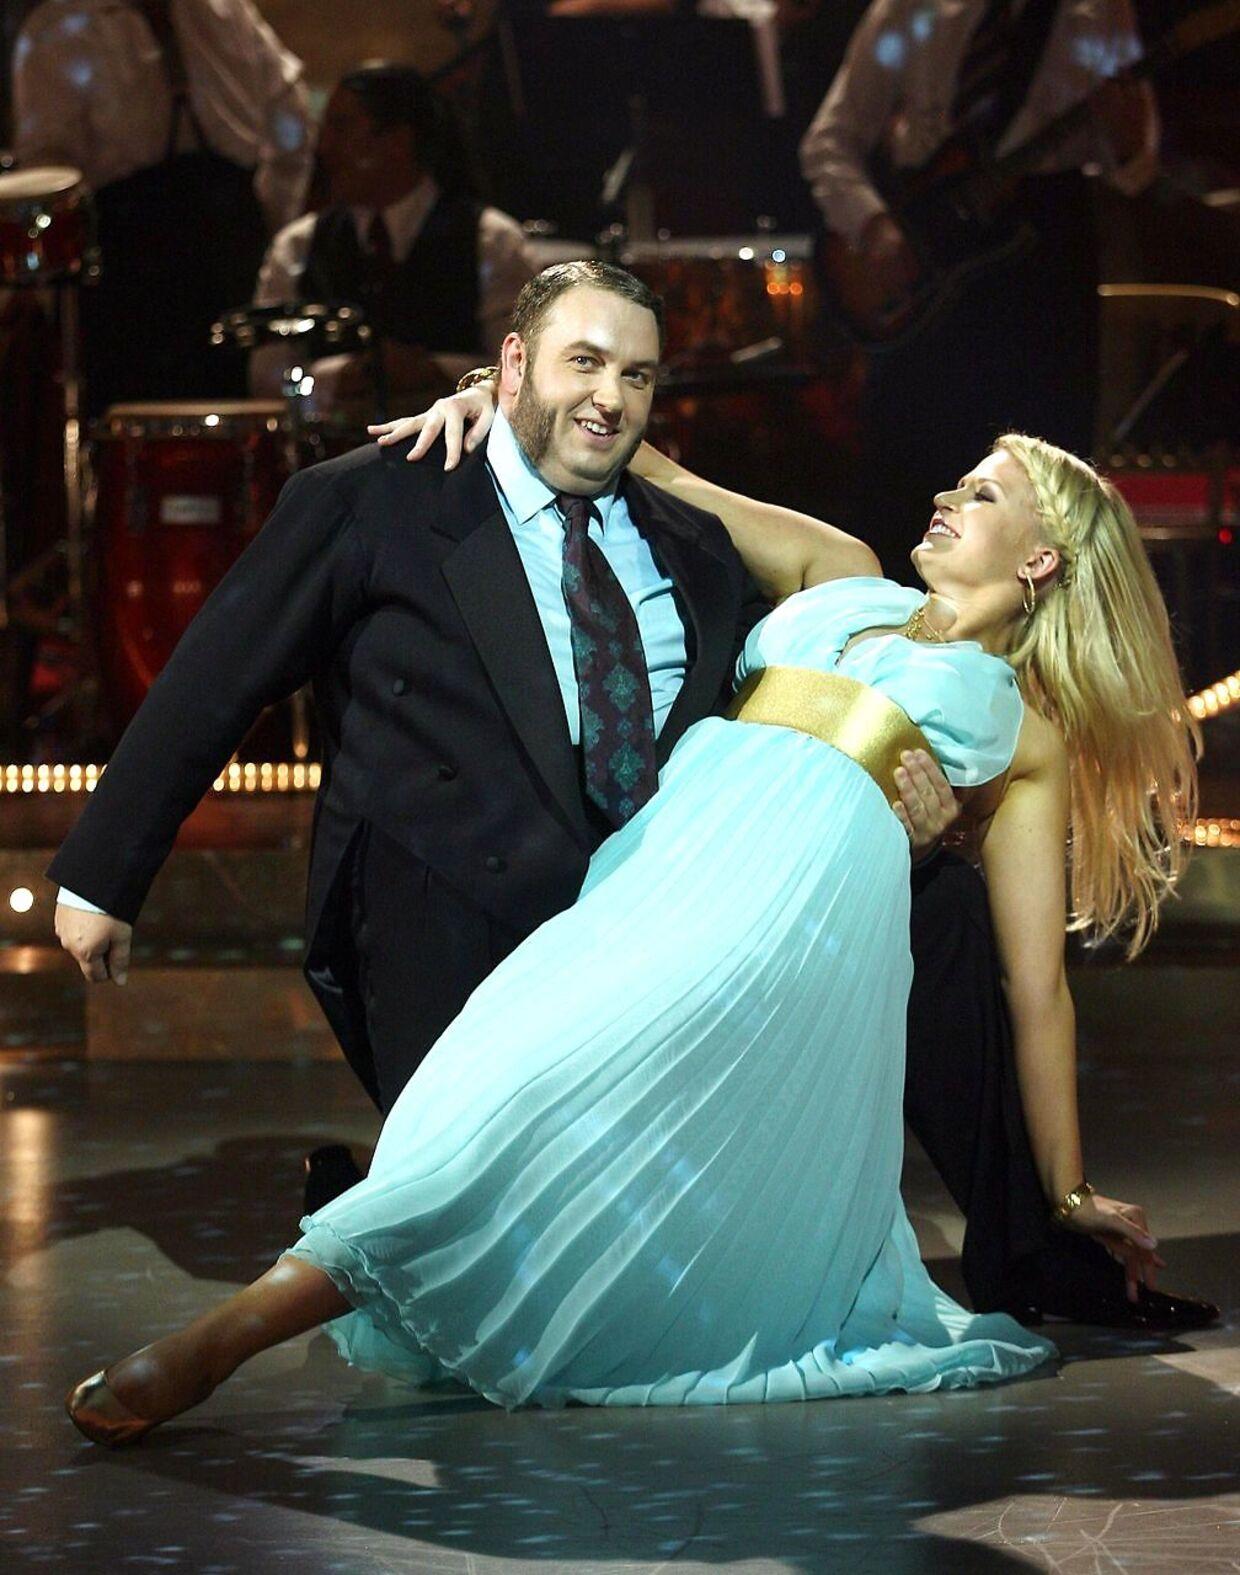 Fra TV2-programmet'Vild med dans'. Master Fatman (Morten Lindberg) og Mie Moltke dansede sammen i tredje sæson af programmet.